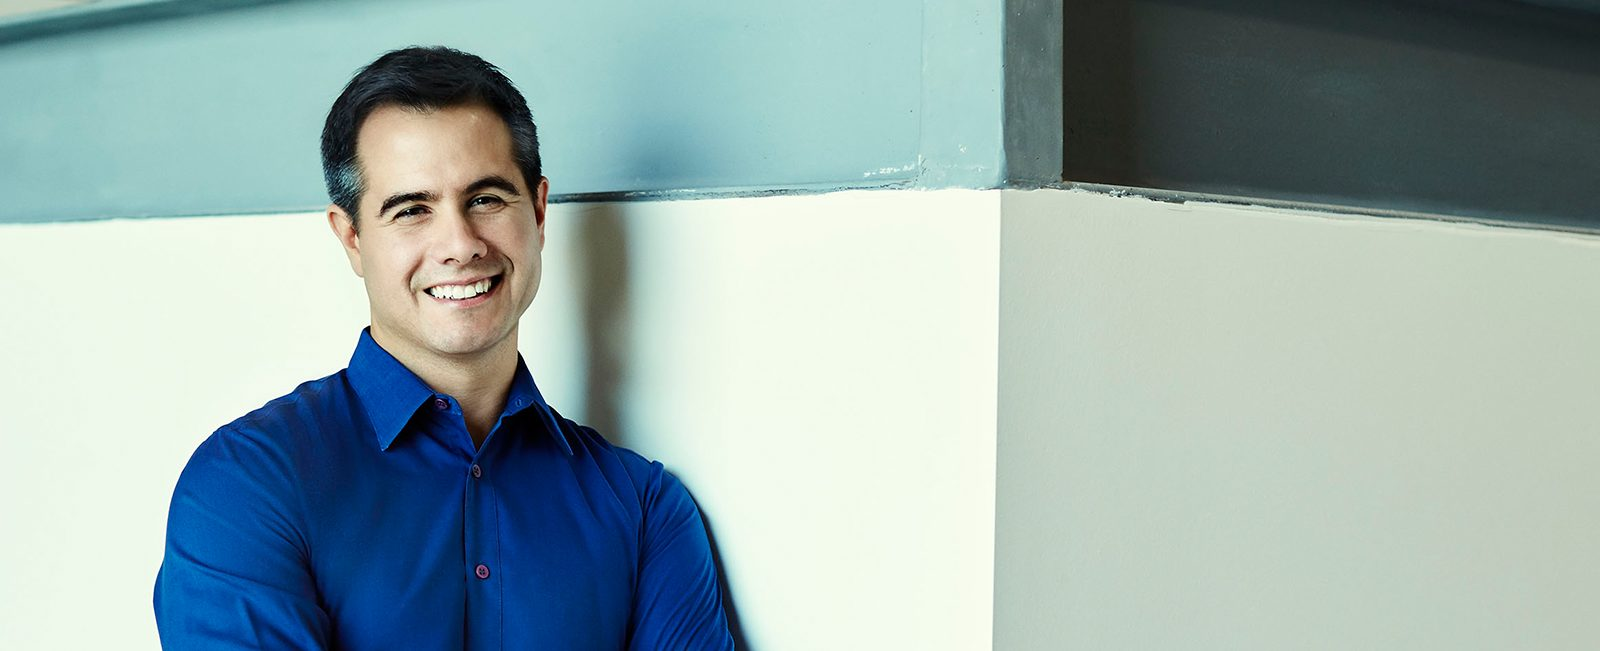 Josh Yguado